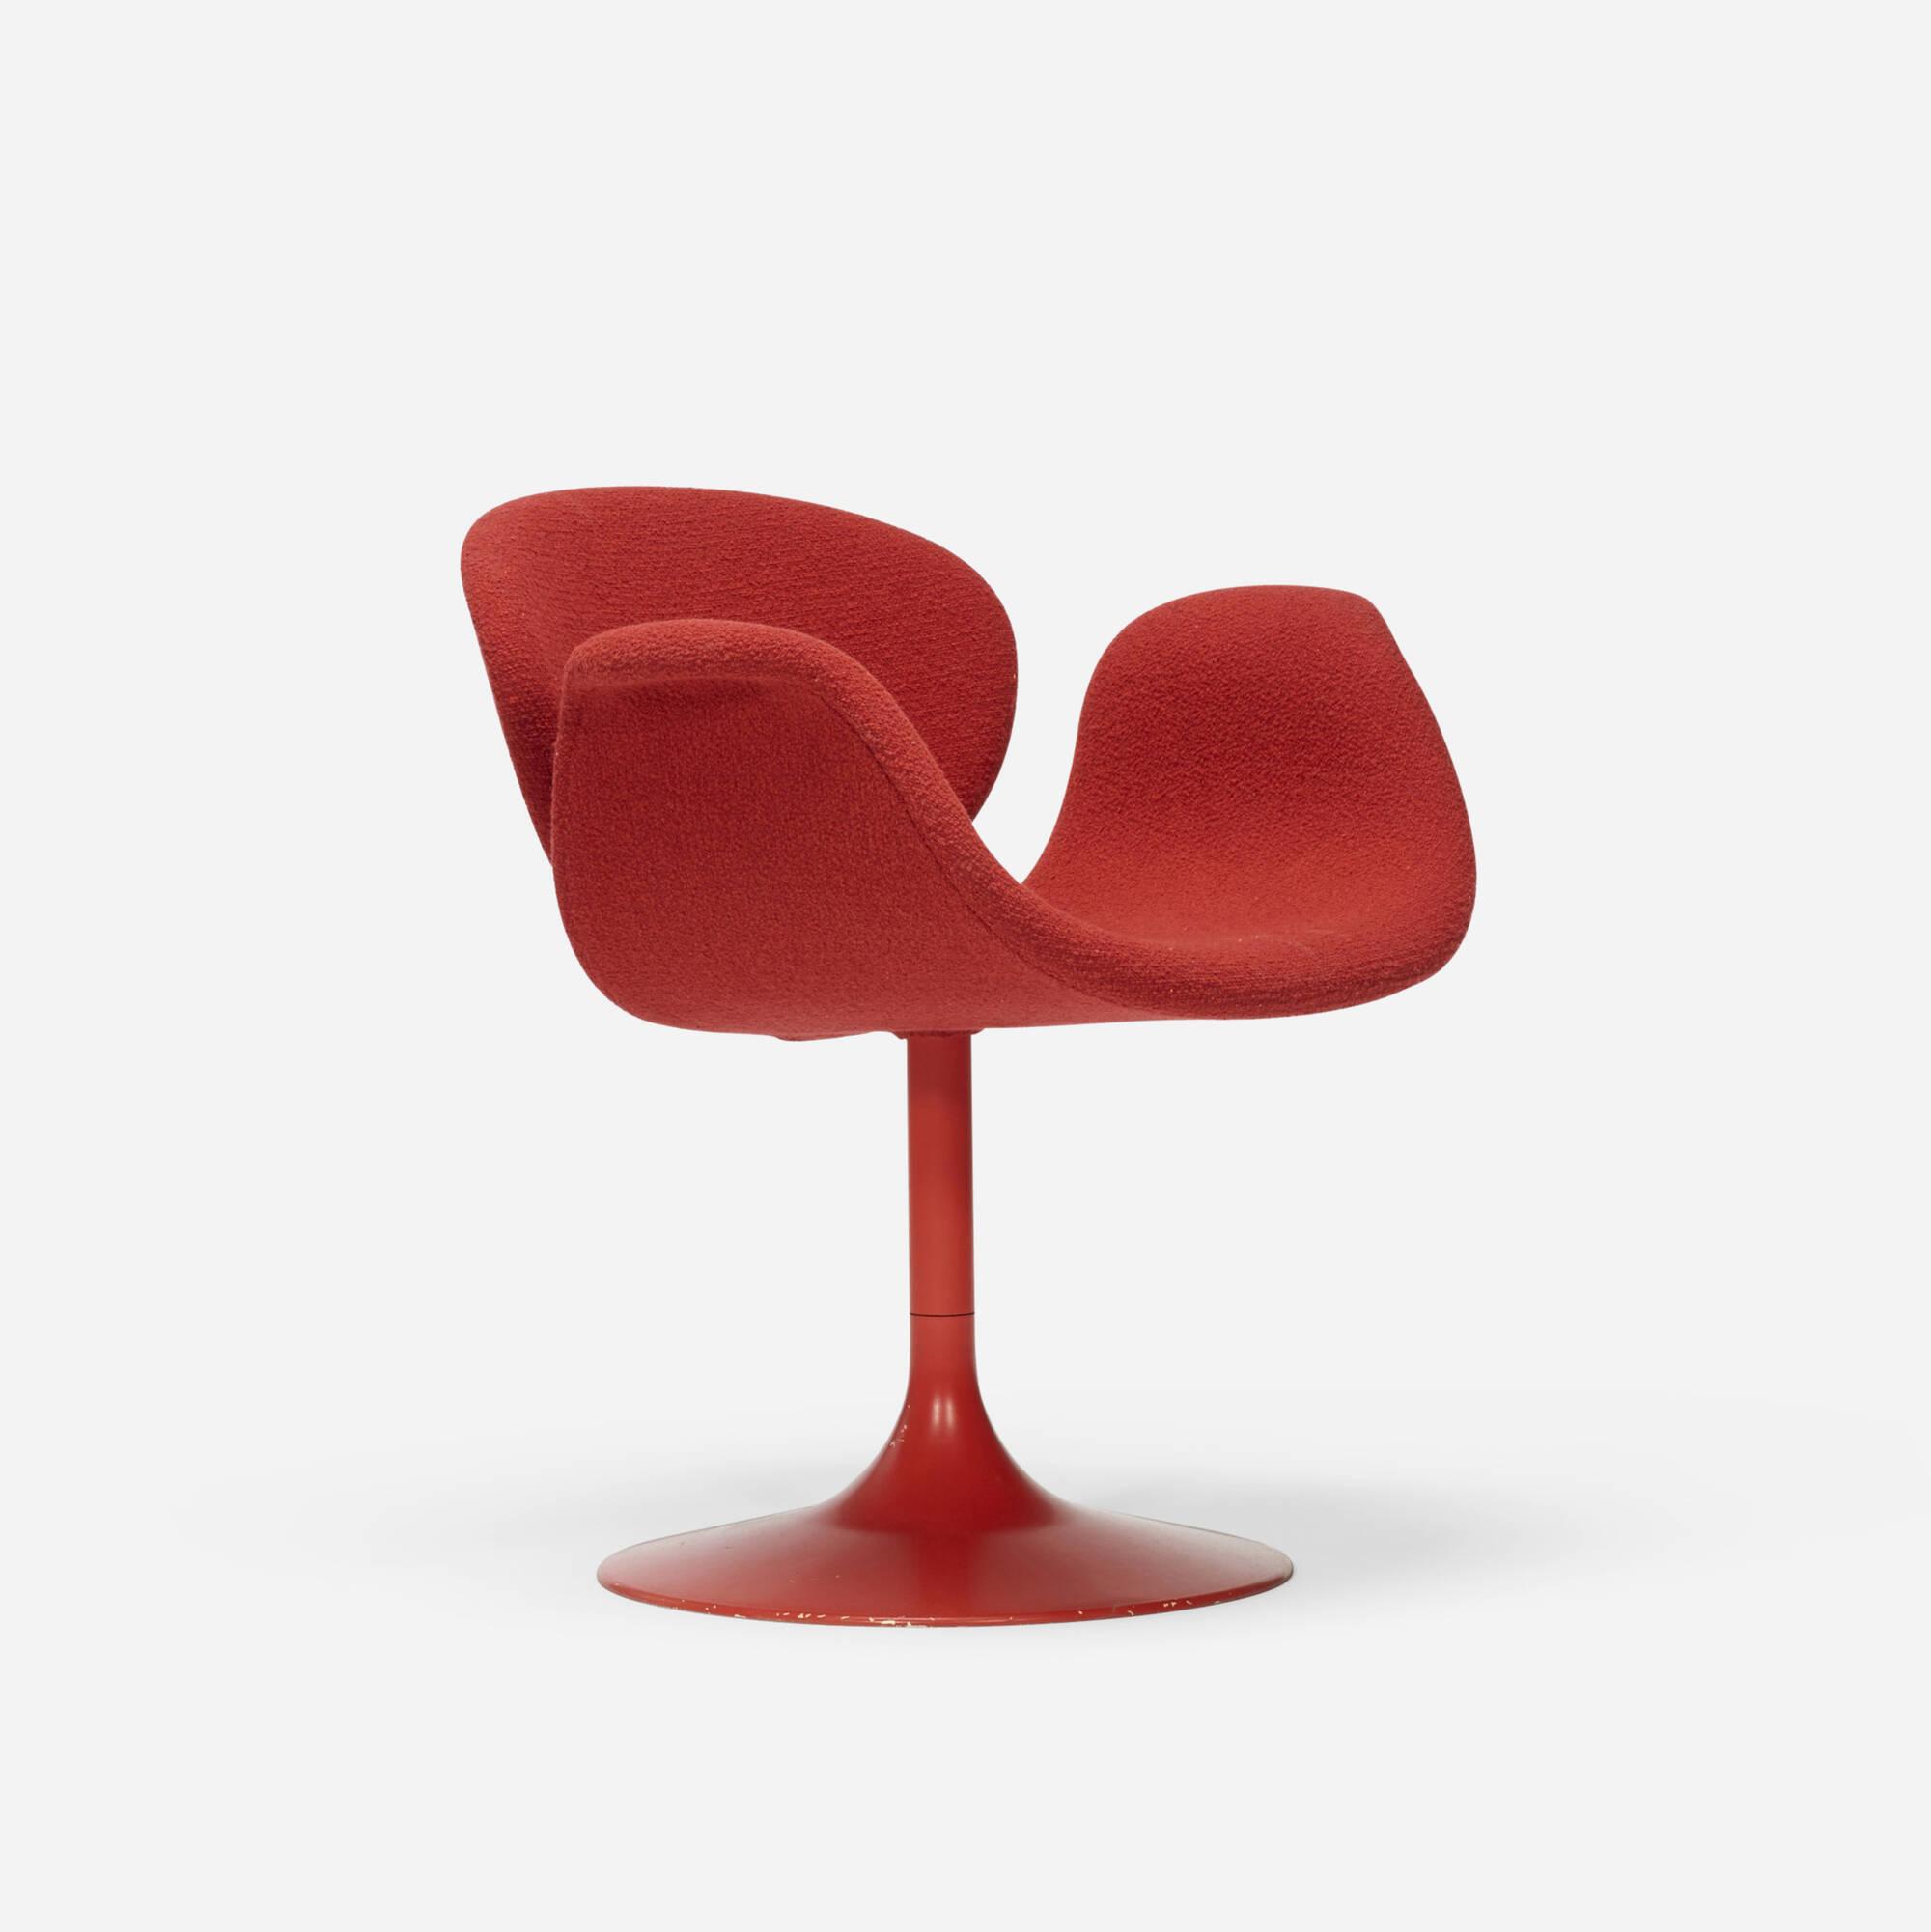 652: Pierre Paulin / Little Tulip armchair (2 of 3)